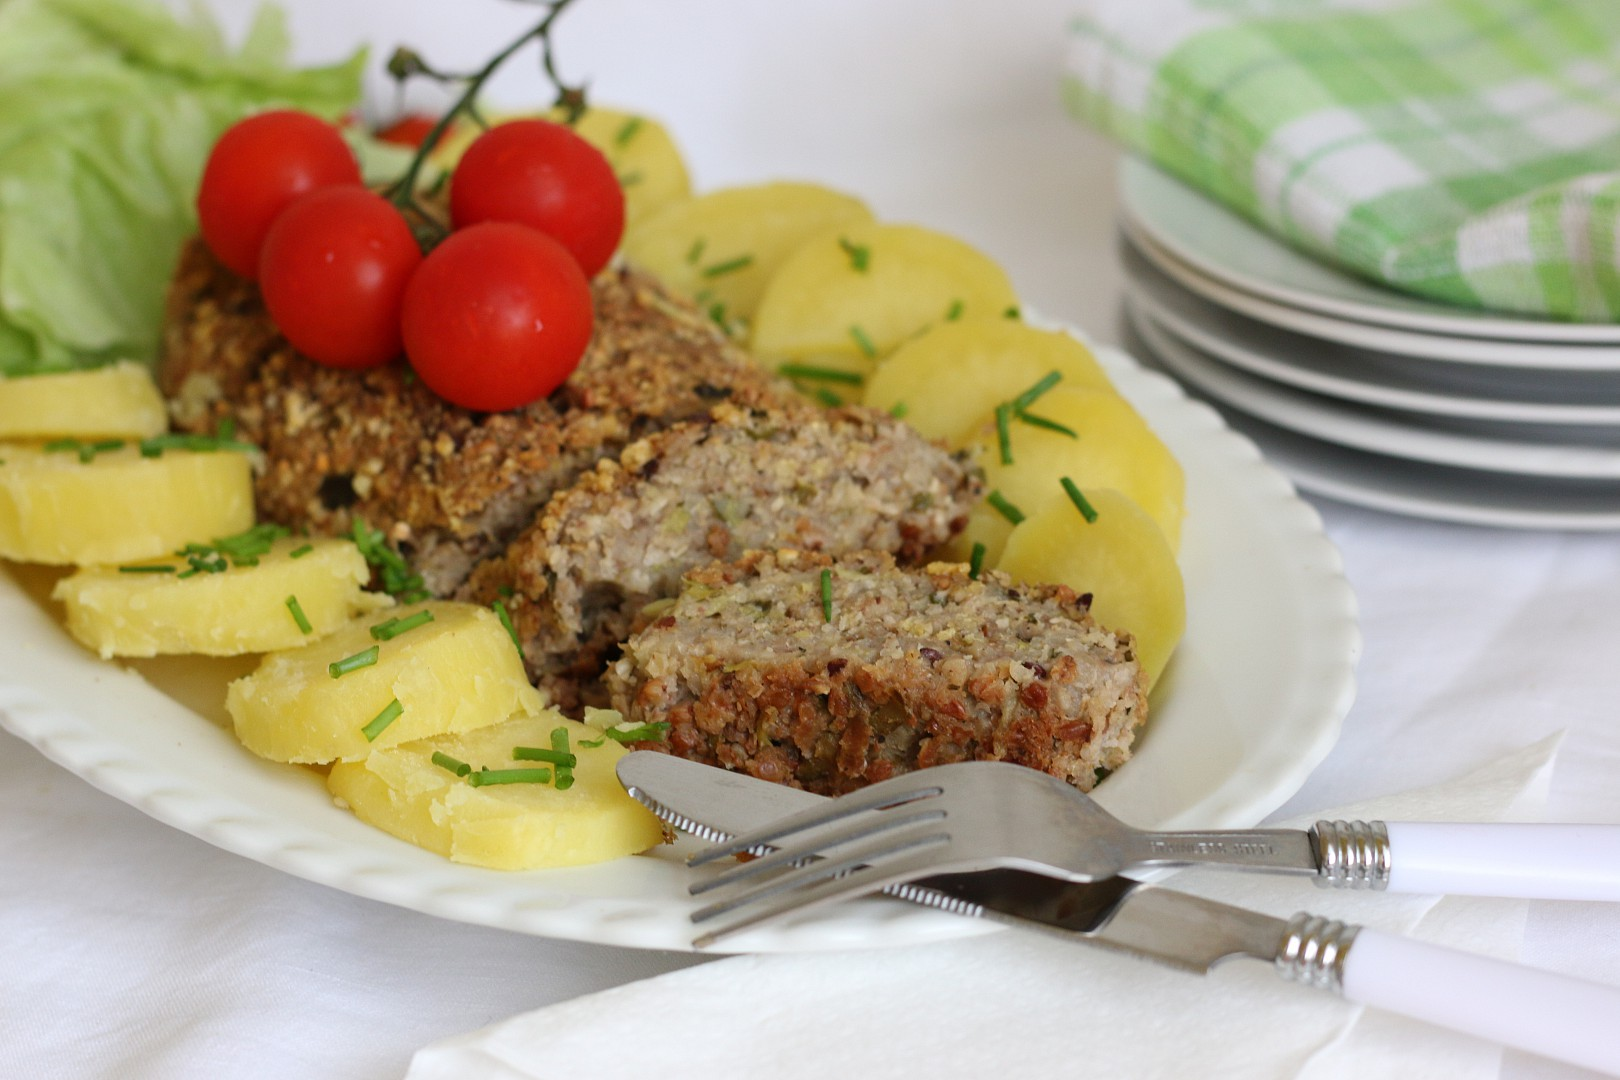 Pohanková směs na sekanou nebo karbanátky recept